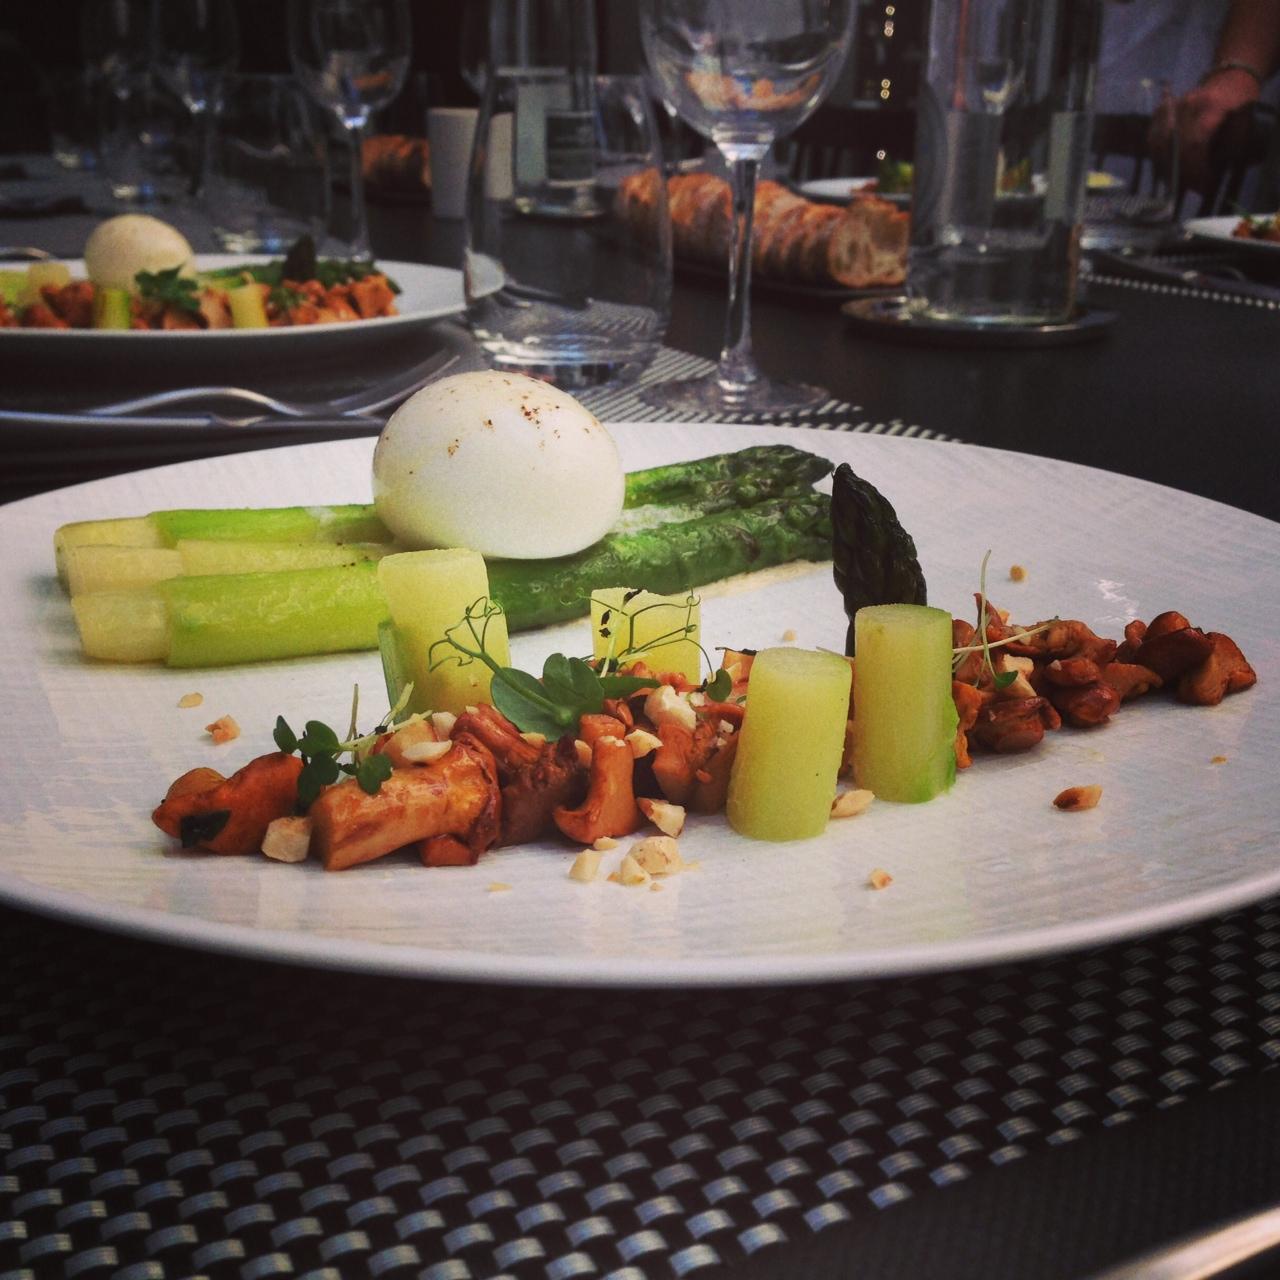 Oeuf mollet et grosses asperges vertes ti des girolles la noisette mulsion de sauce vin - Cuisine attitude cyril lignac ...